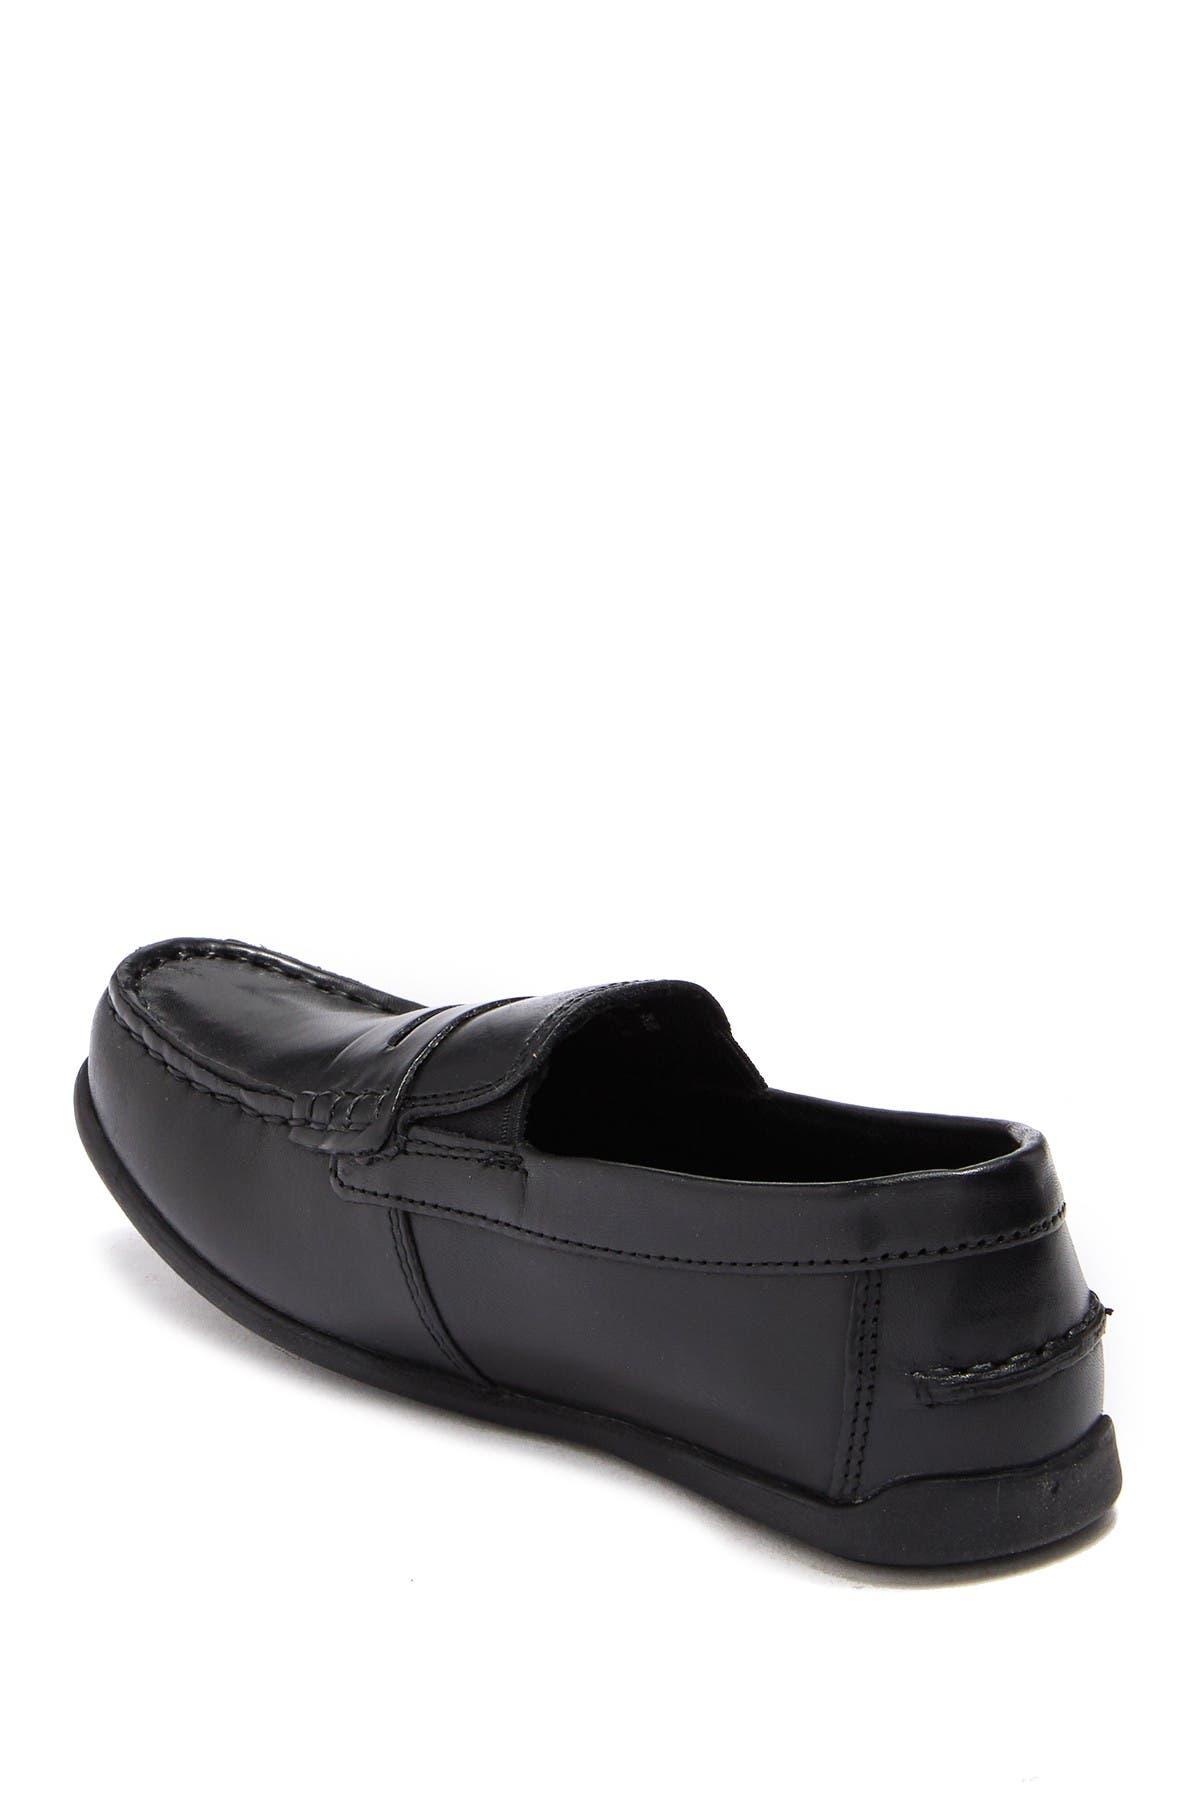 Image of Florsheim Jerod Leather Penny Jr Loafer